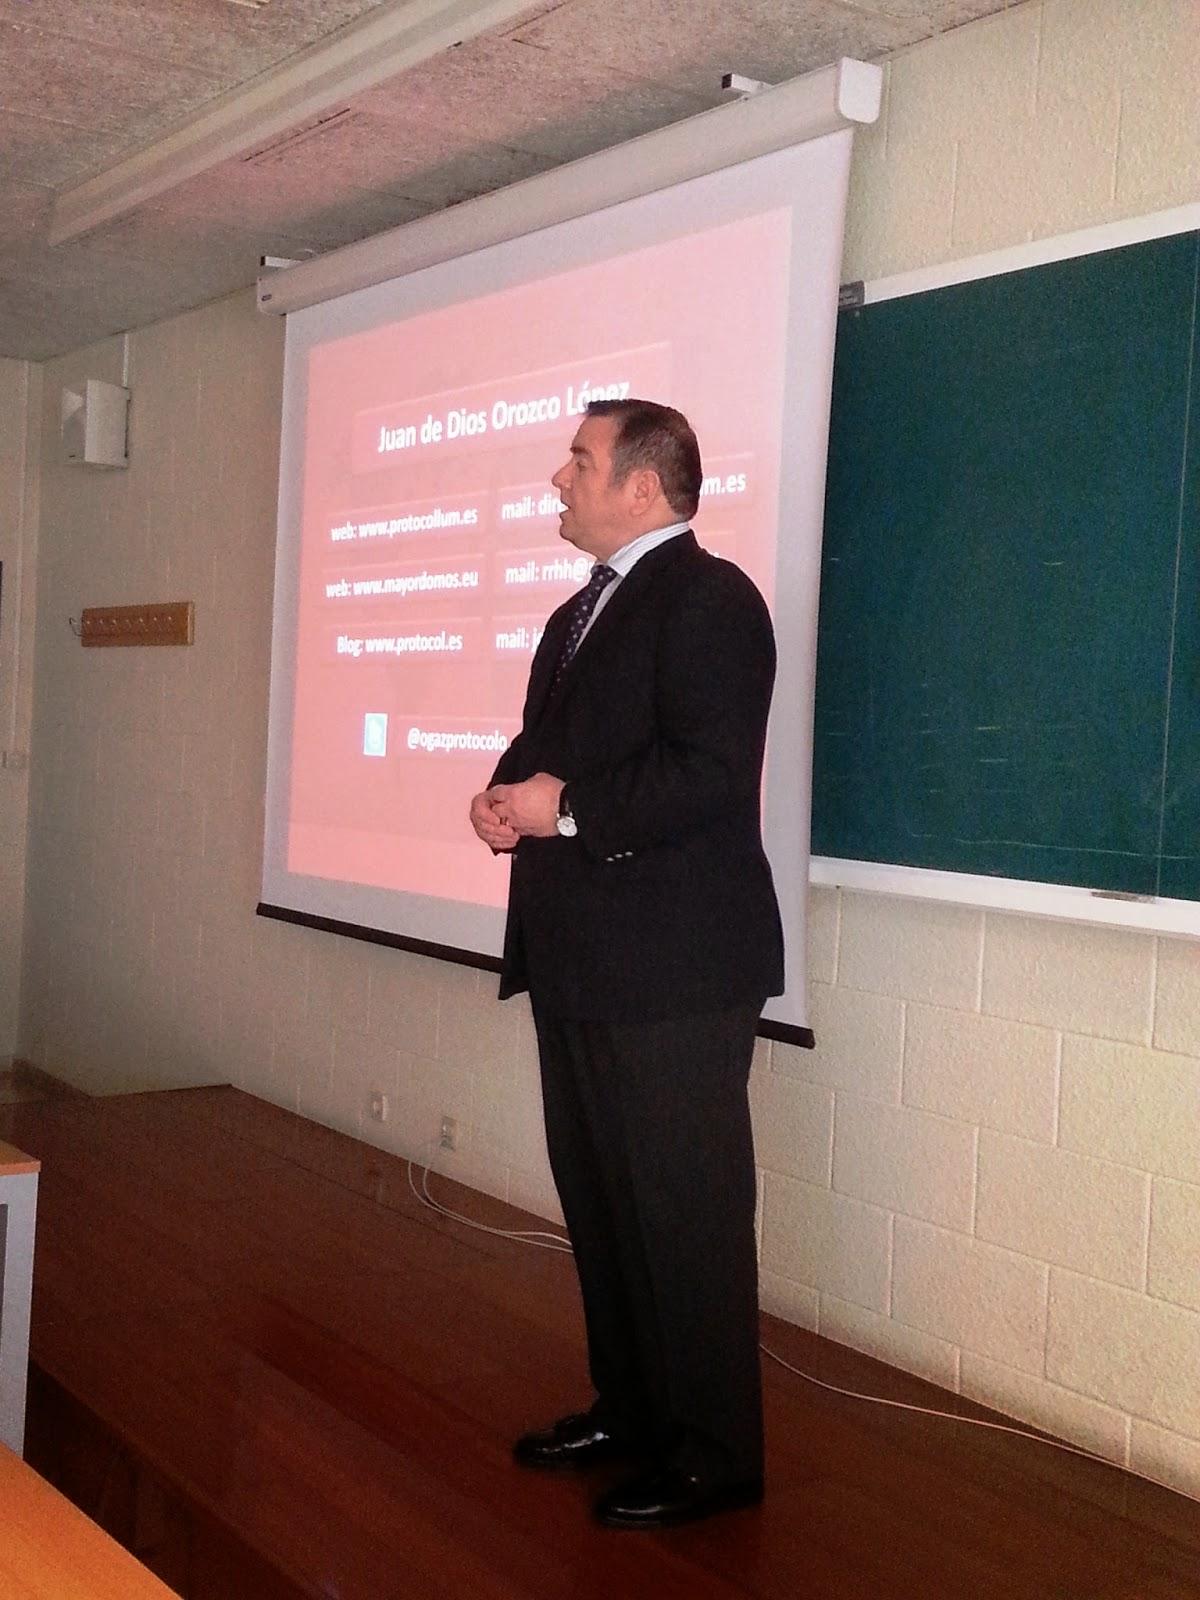 Protocolo, Comunicación e Imagen Corporativa. Universidade da Coruña. Juan de Dios Orozco